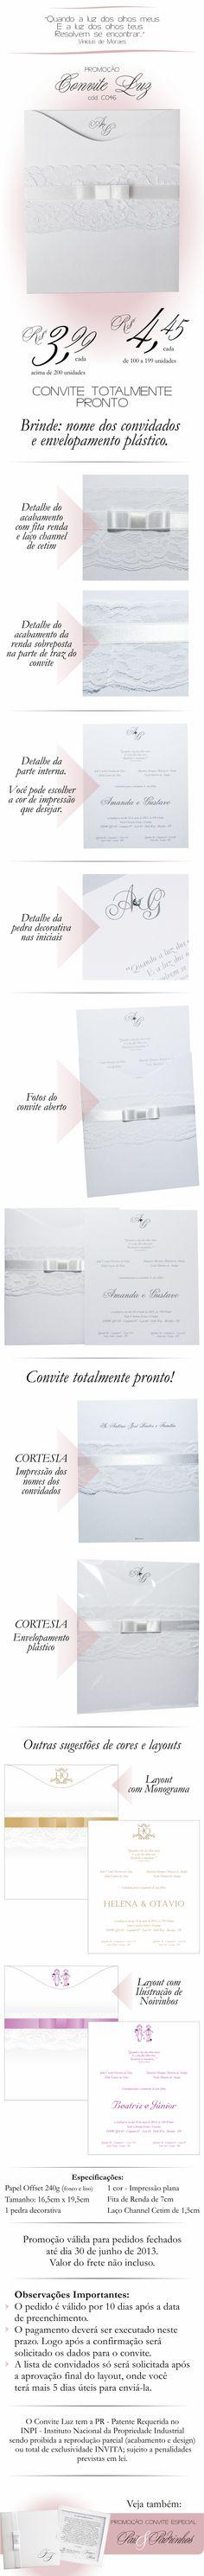 Convite Promocional LUZ faixa em renda, laço chanel, editável